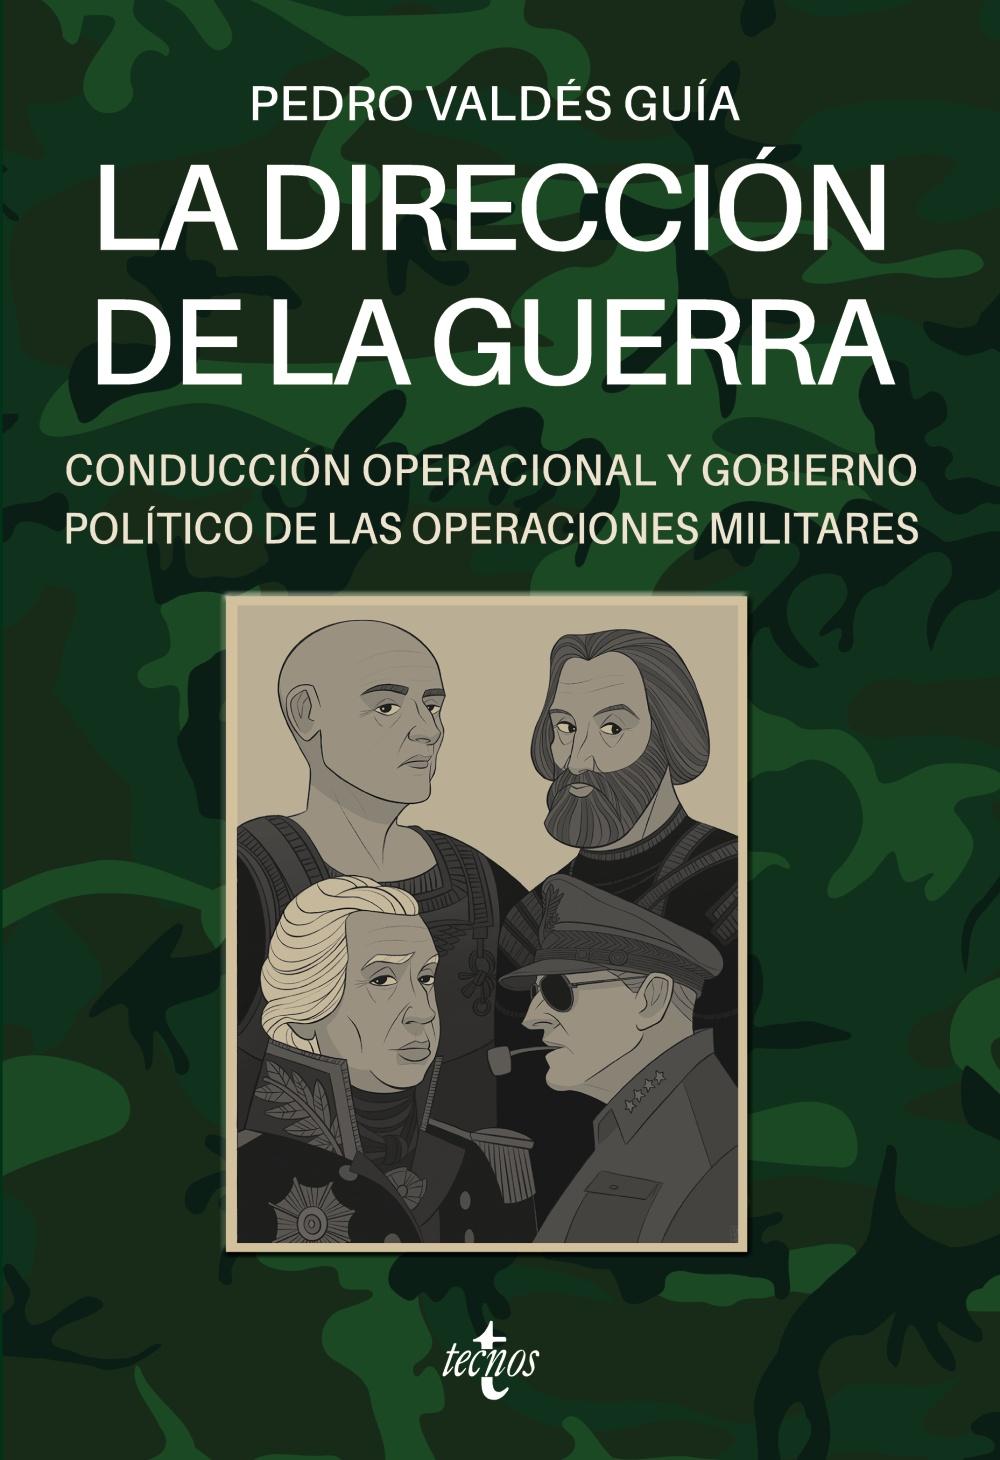 La dirección de la guerra: conducción operacional y gobierno político de las operaciones militares